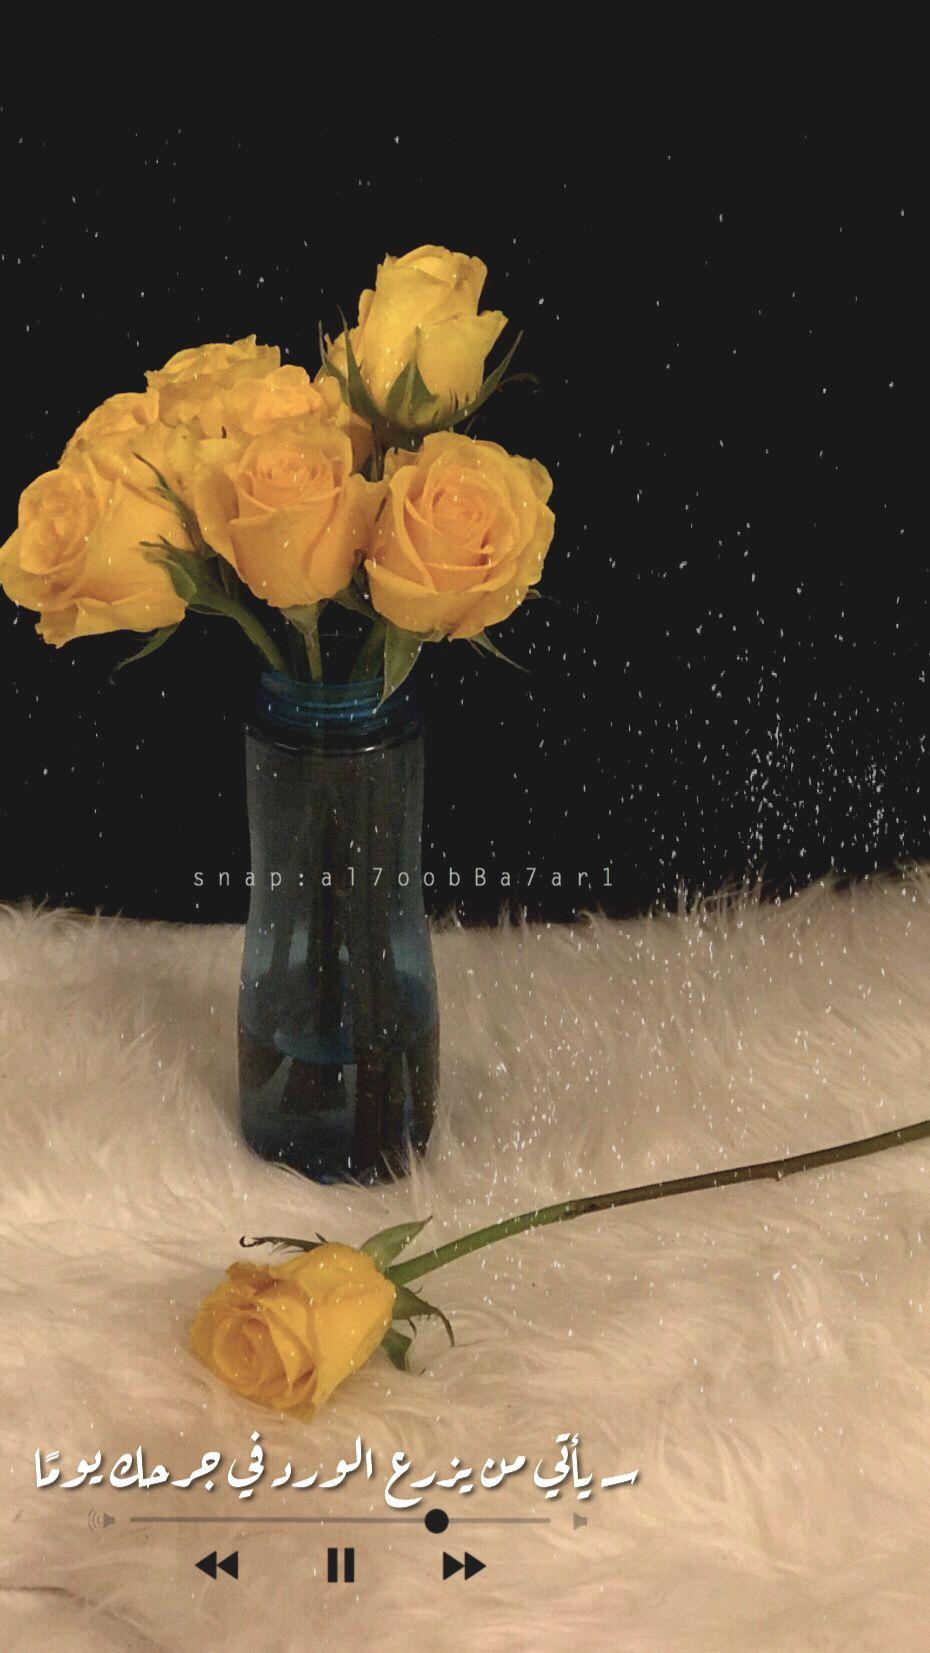 همسة سـ يأتي من يزرع الورد في جرحك يوم ا تصويري تصويري سناب تصميمي تصميم فونتو Phonto ورد Photo Ideas Girl Art Wallpaper Cute Wallpapers